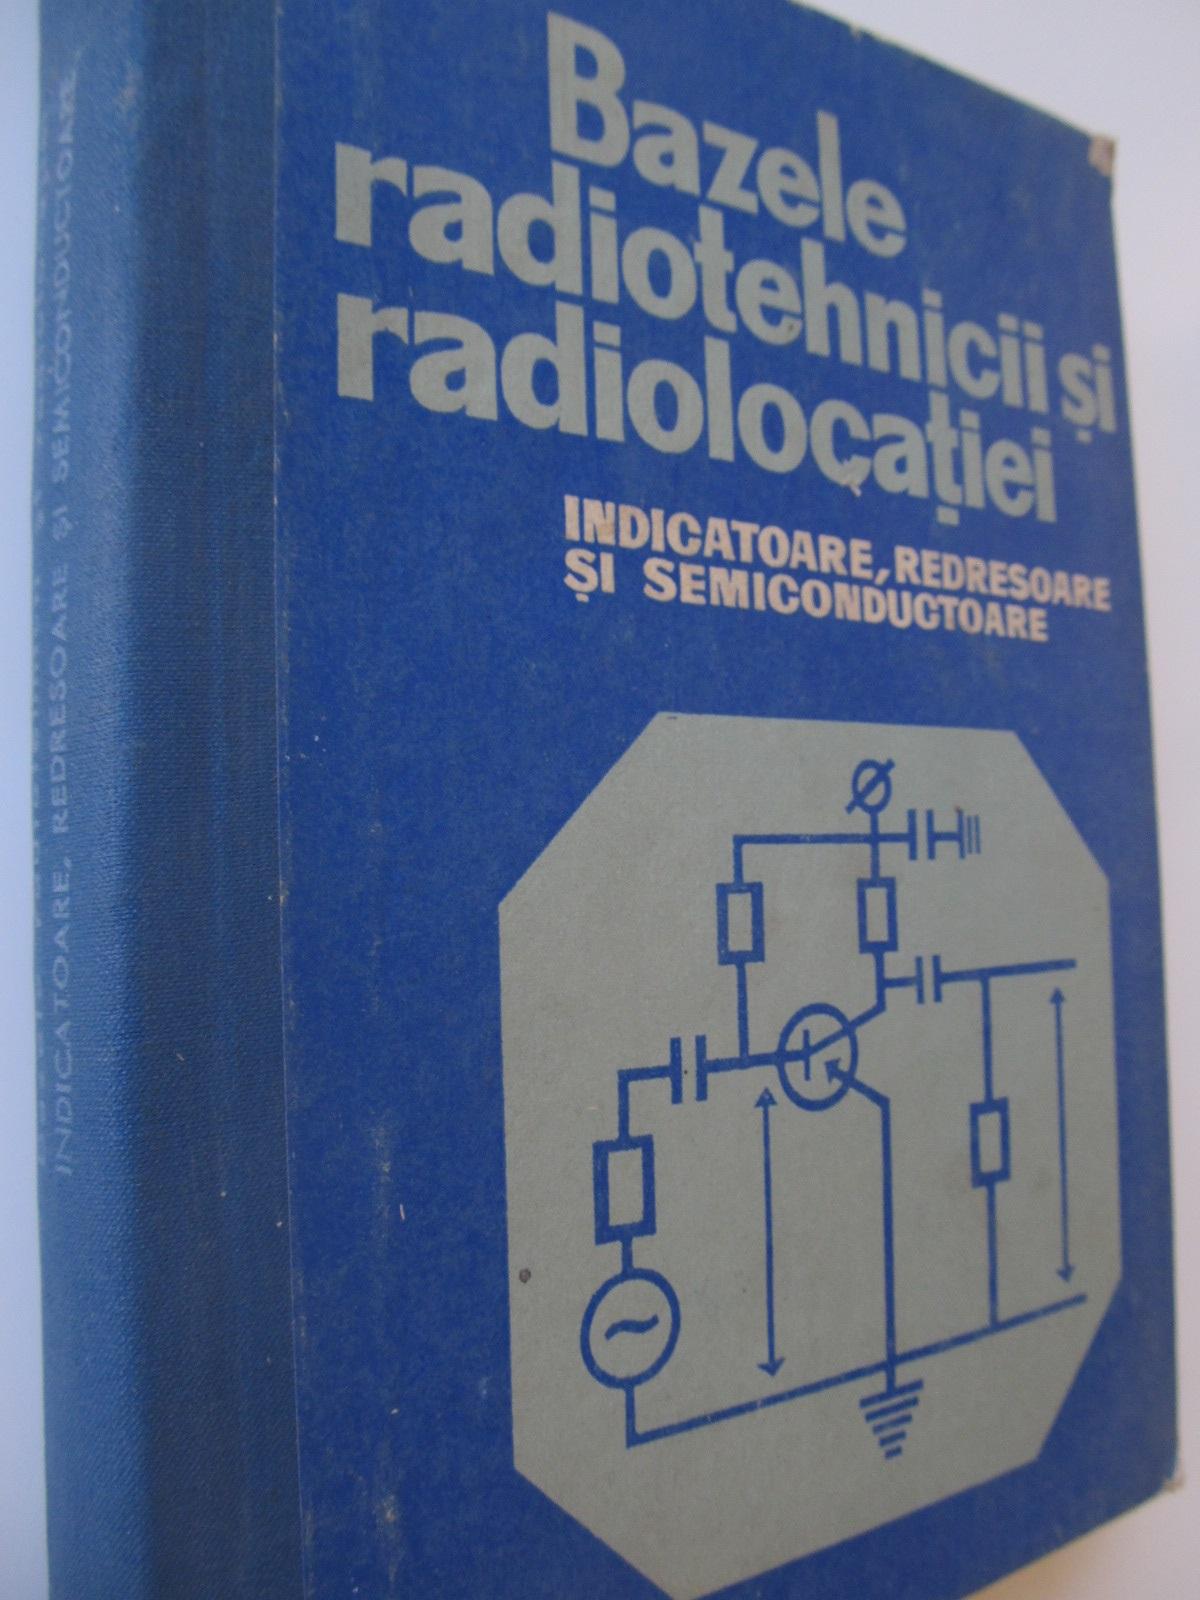 Bazele radiotehnicii si radiolocatiei - indicatoare redresoare si semiconductoare - *** | Detalii carte